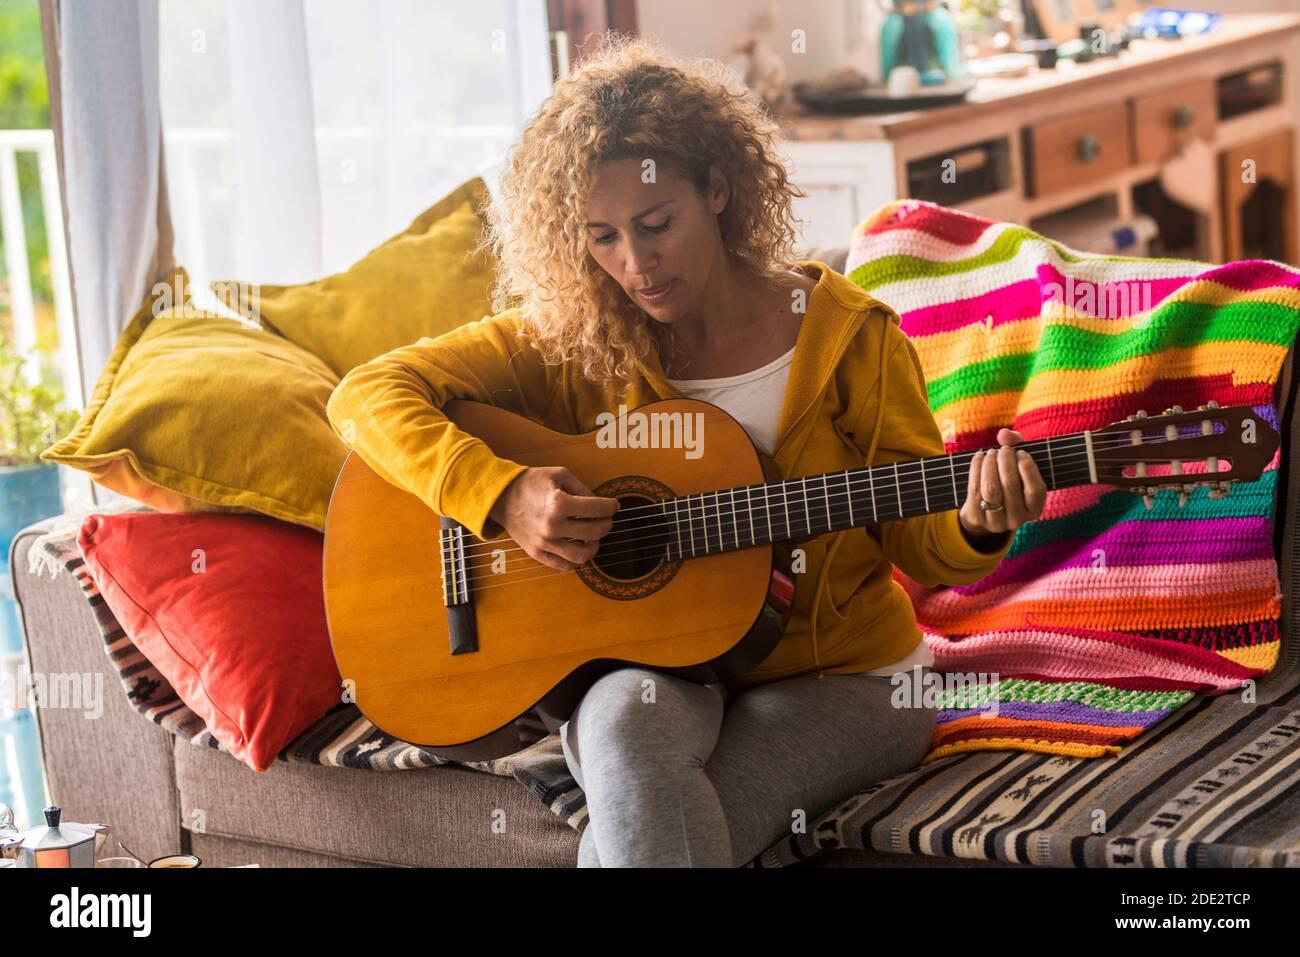 Jeune femme adulte à la maison apprenant à jouer de la guitare - people and music concept - belle femme jouant instrument assis sur le canapé pendant le verrouillage Banque D'Images